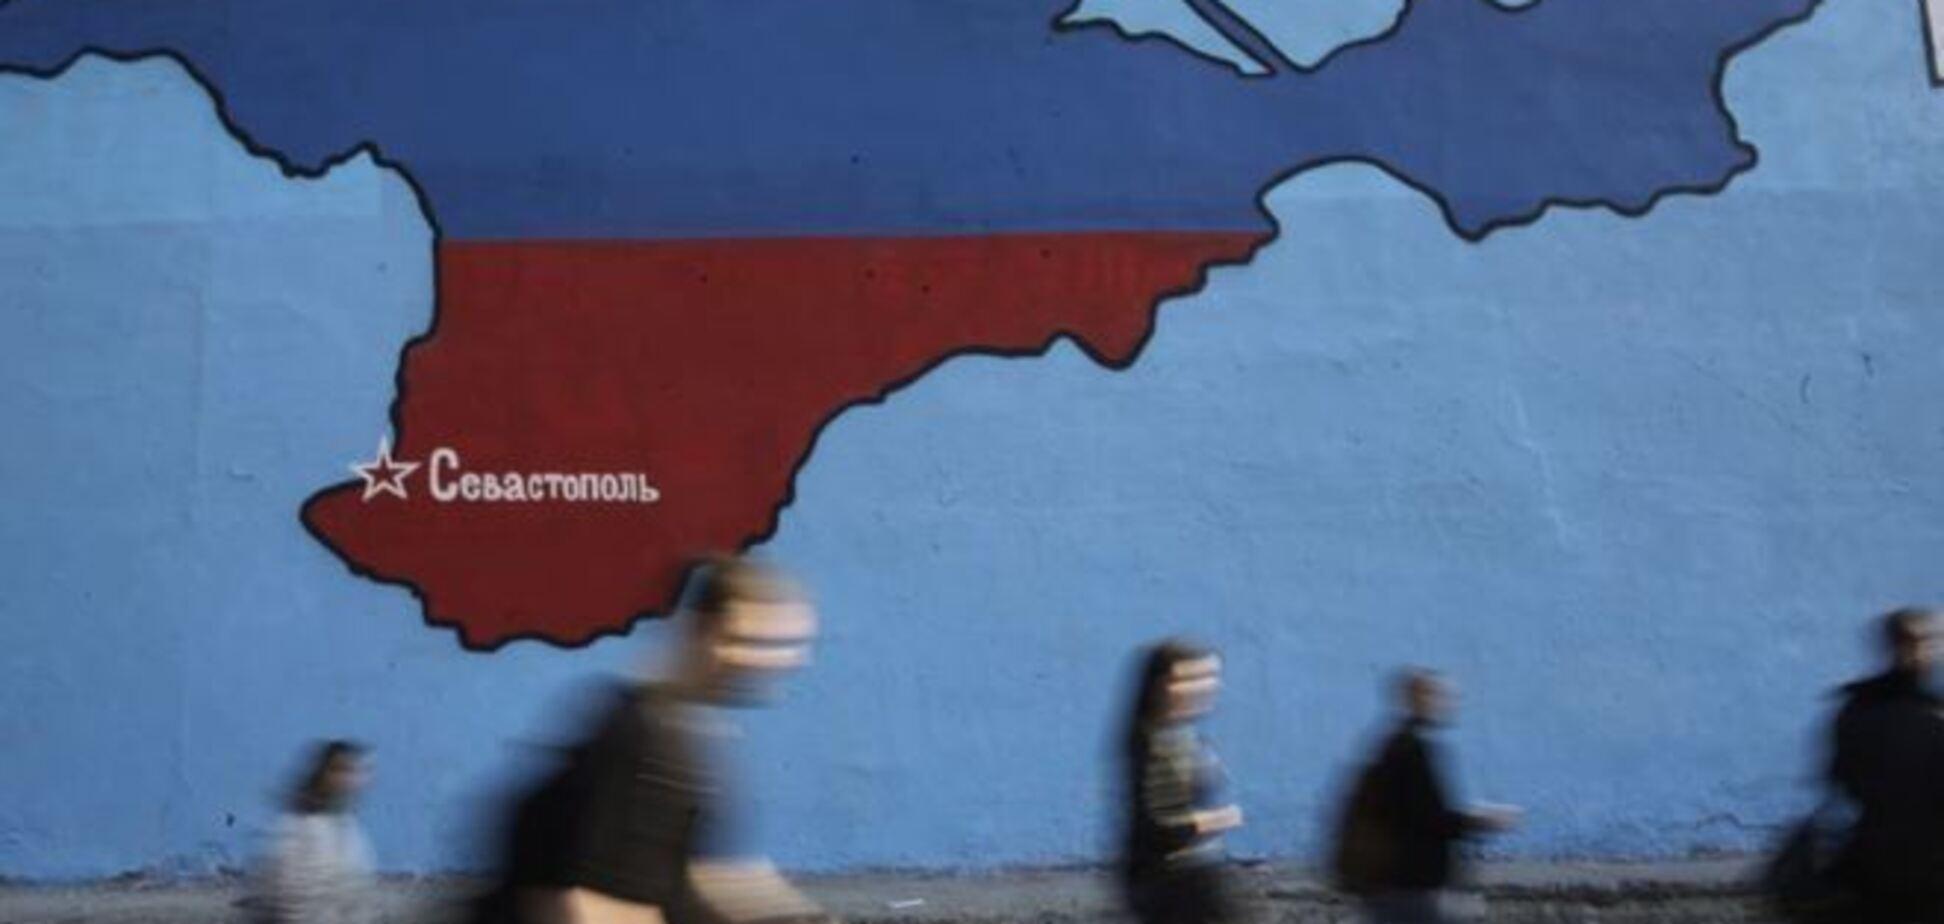 Экс-советник Путина назвал условие, при котором Россия вернет Украине Крым